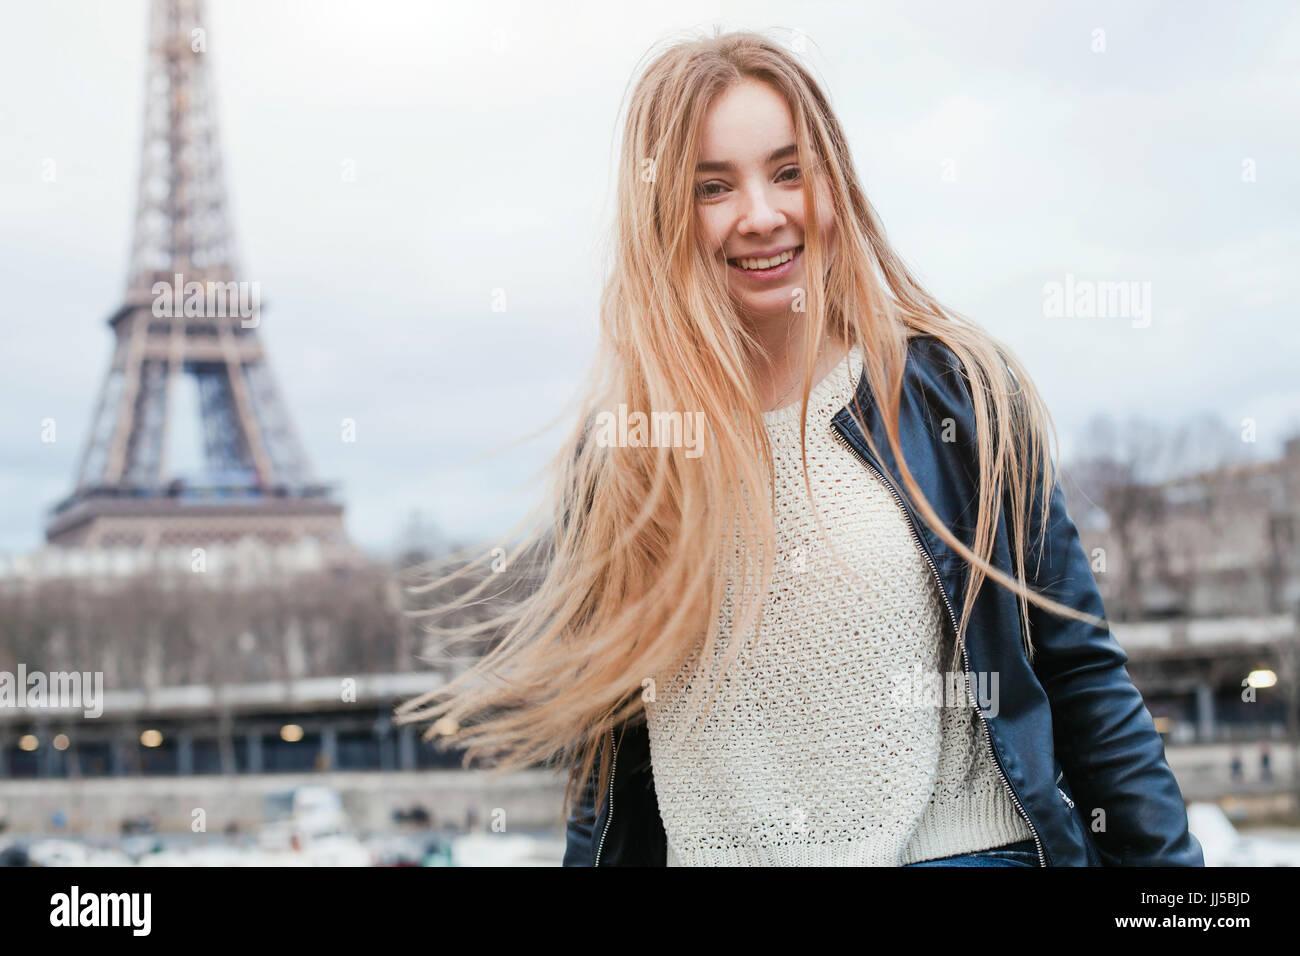 Glückliche junge Frau in Paris in der Nähe von Eiffelturm, lächelnde Mädchen reisen Portrait, Student in Europa Stockfoto